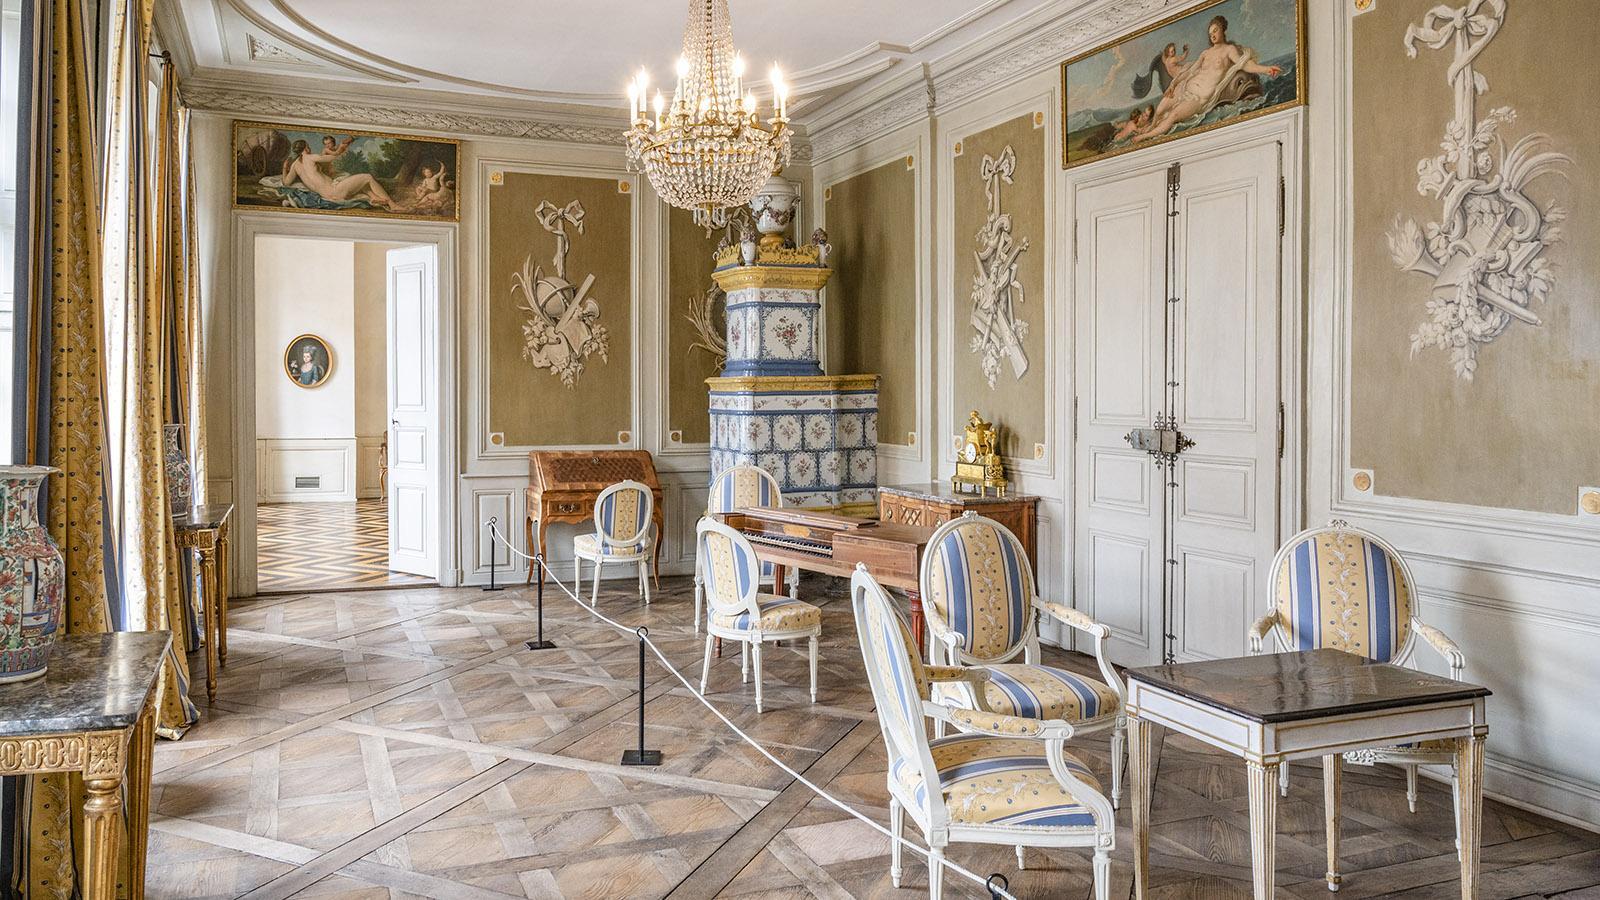 Bürgerliche Lebensart im <em>Musée de l'Hôtel Beurnier-Rossel</em>. Foto: Hilke Maunder